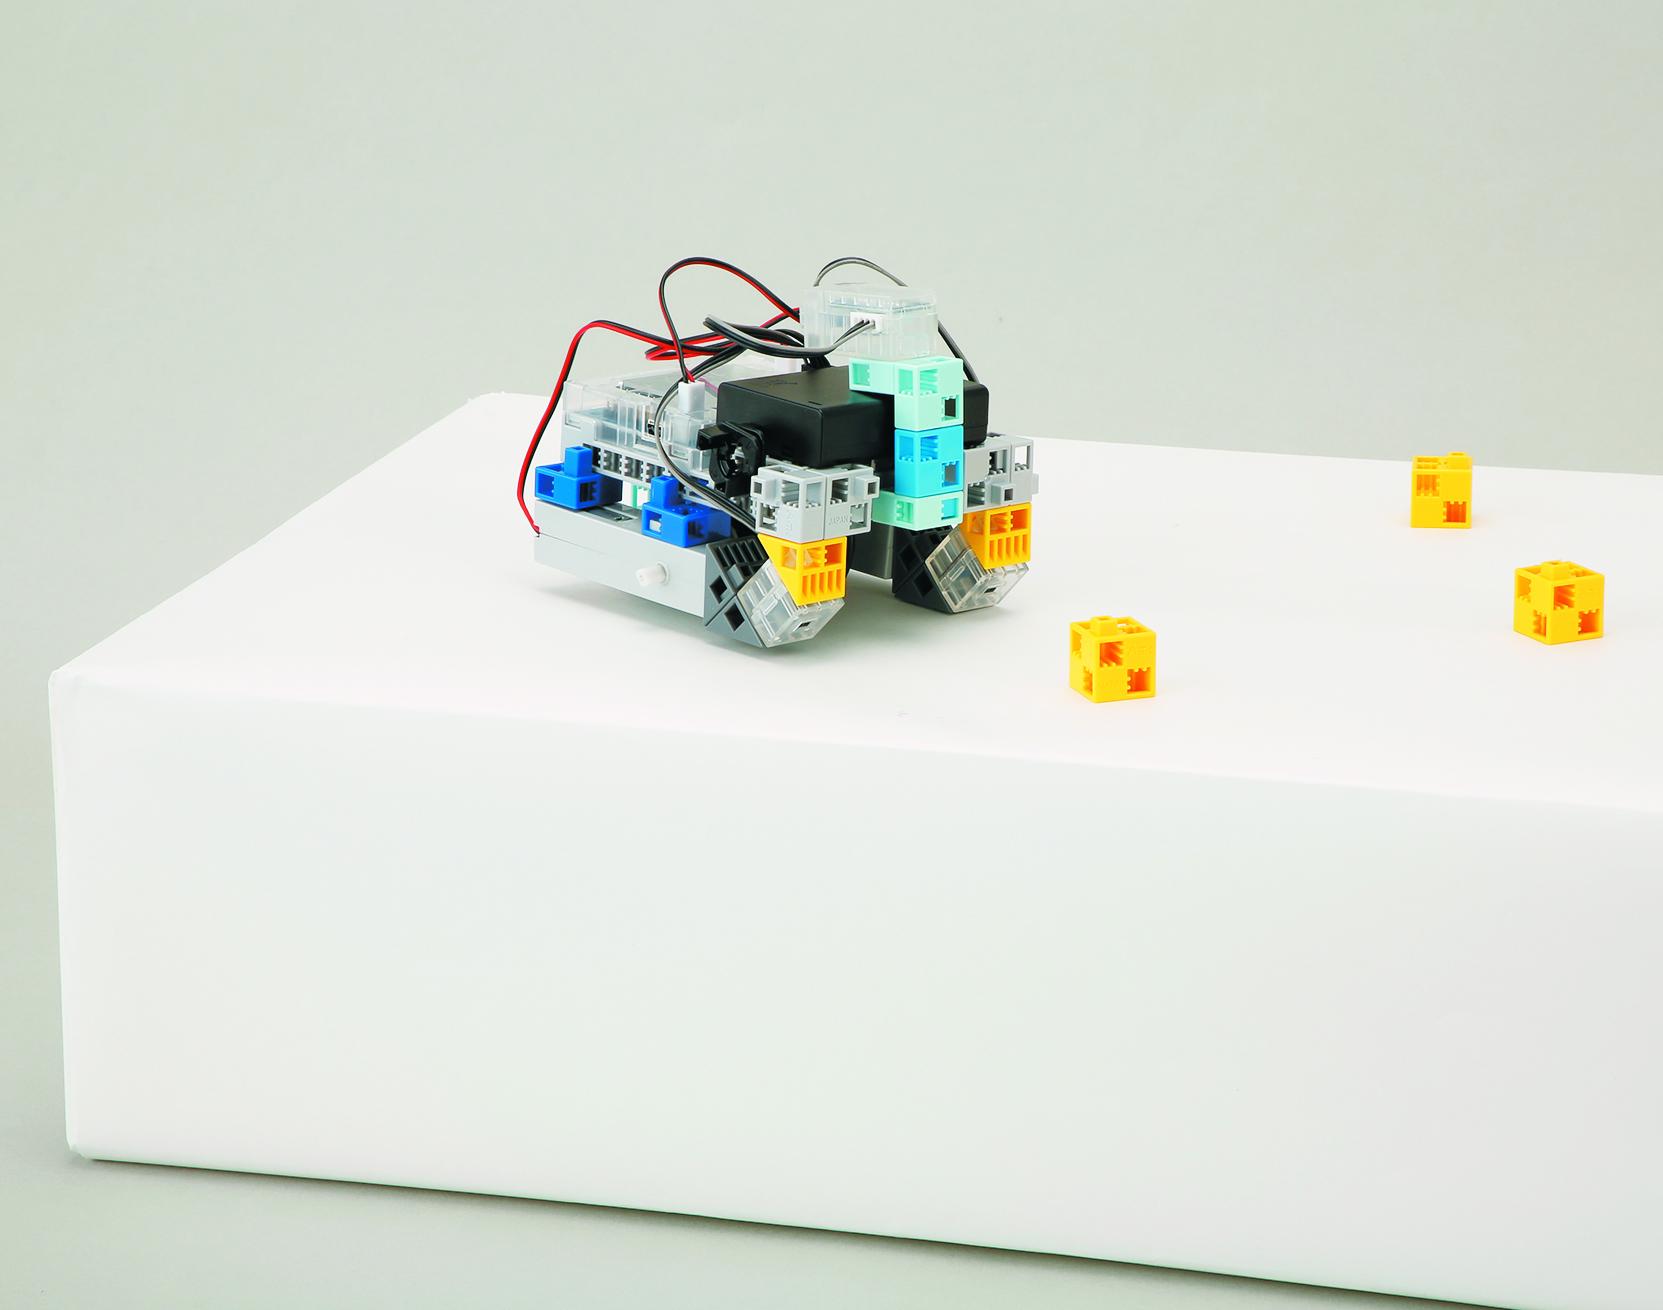 第12回 ロボットそうじき の開発